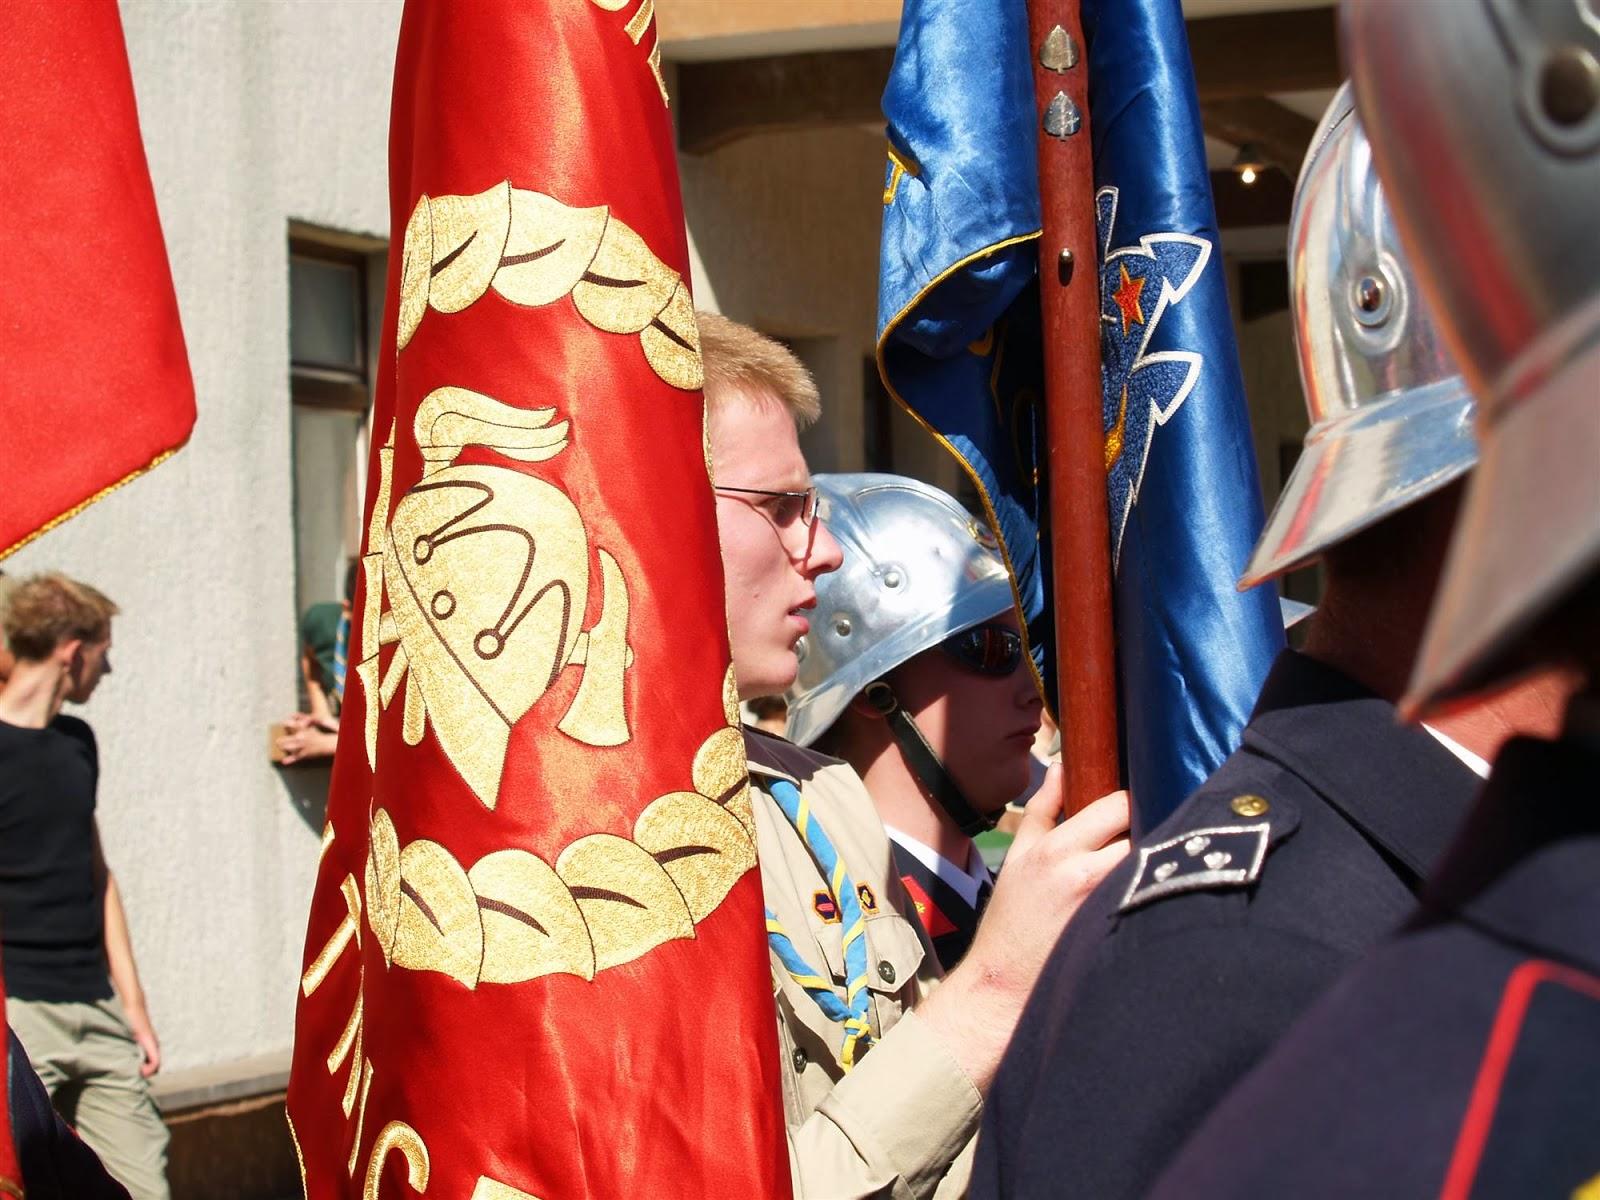 Gasilska parada, Ilirska Bistrica 2006 - P0103570.JPG